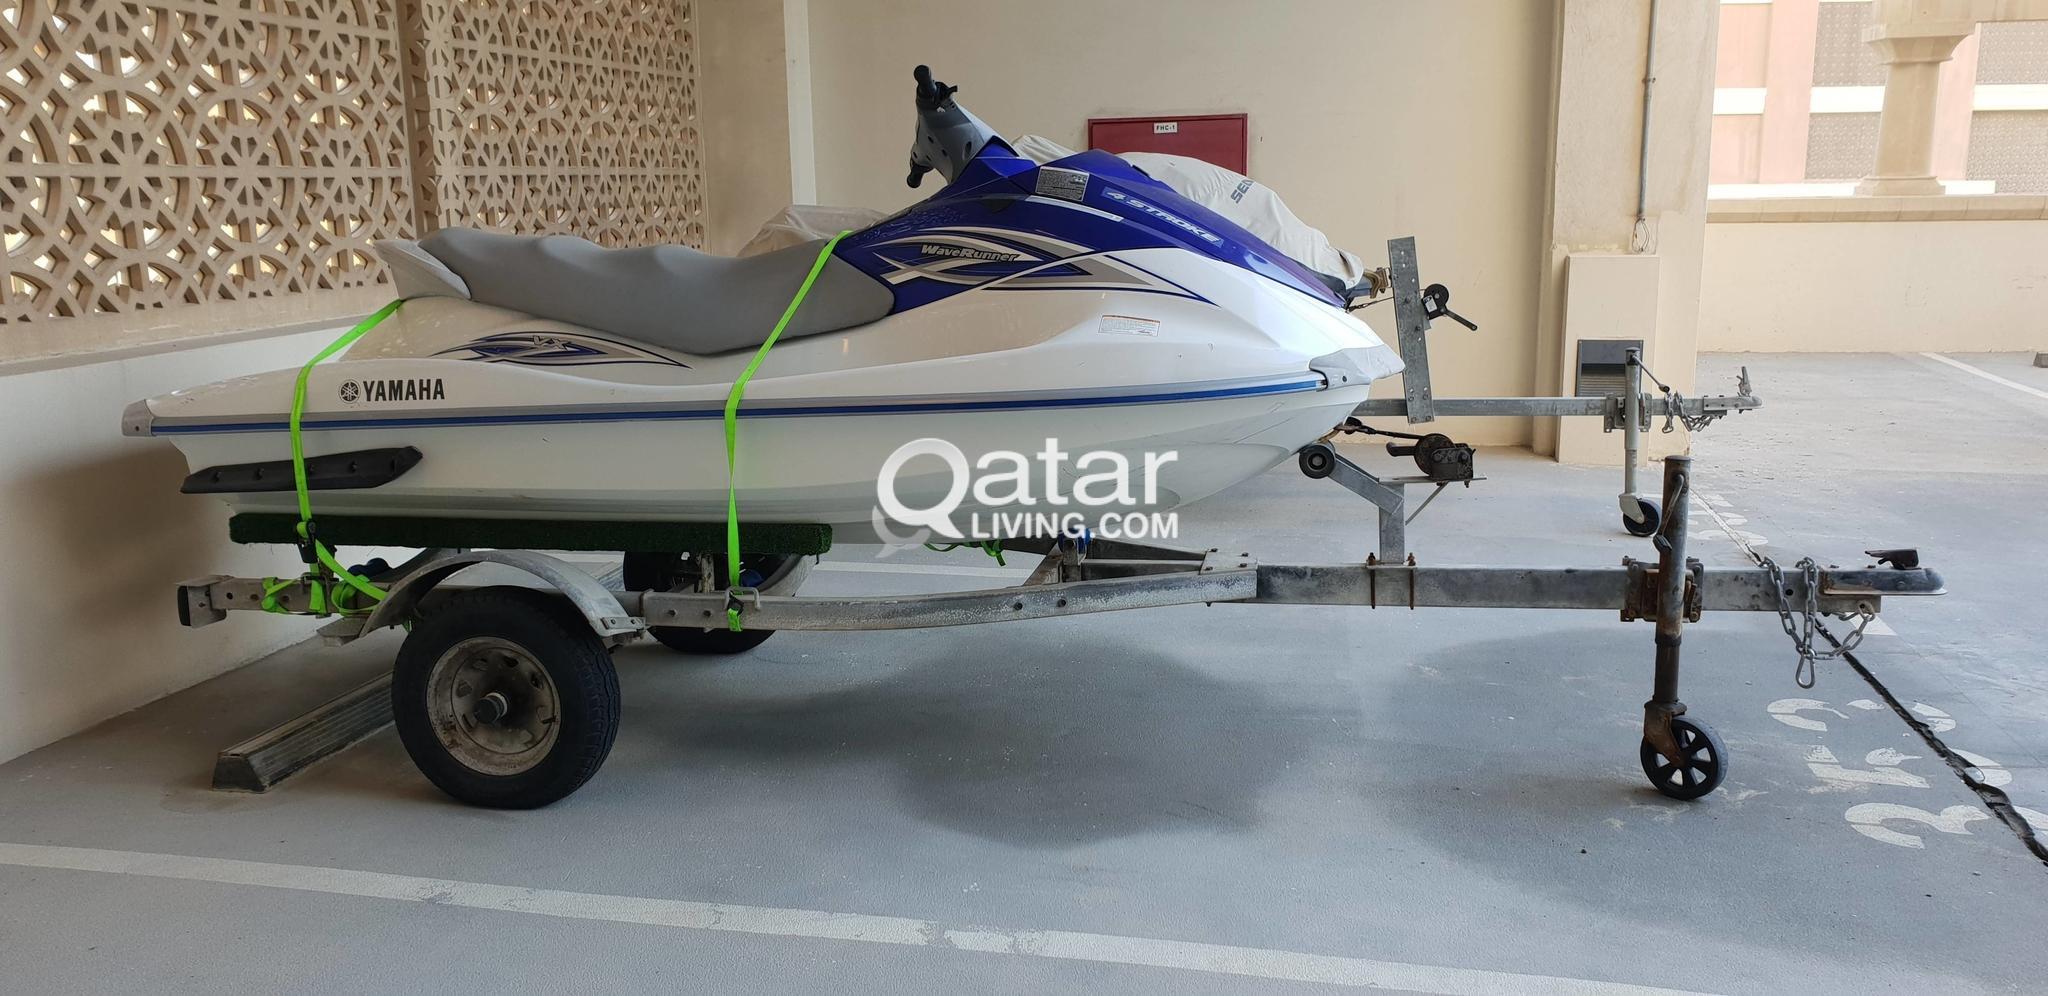 jet ski Yamaha Waverunner 115HP | Qatar Living